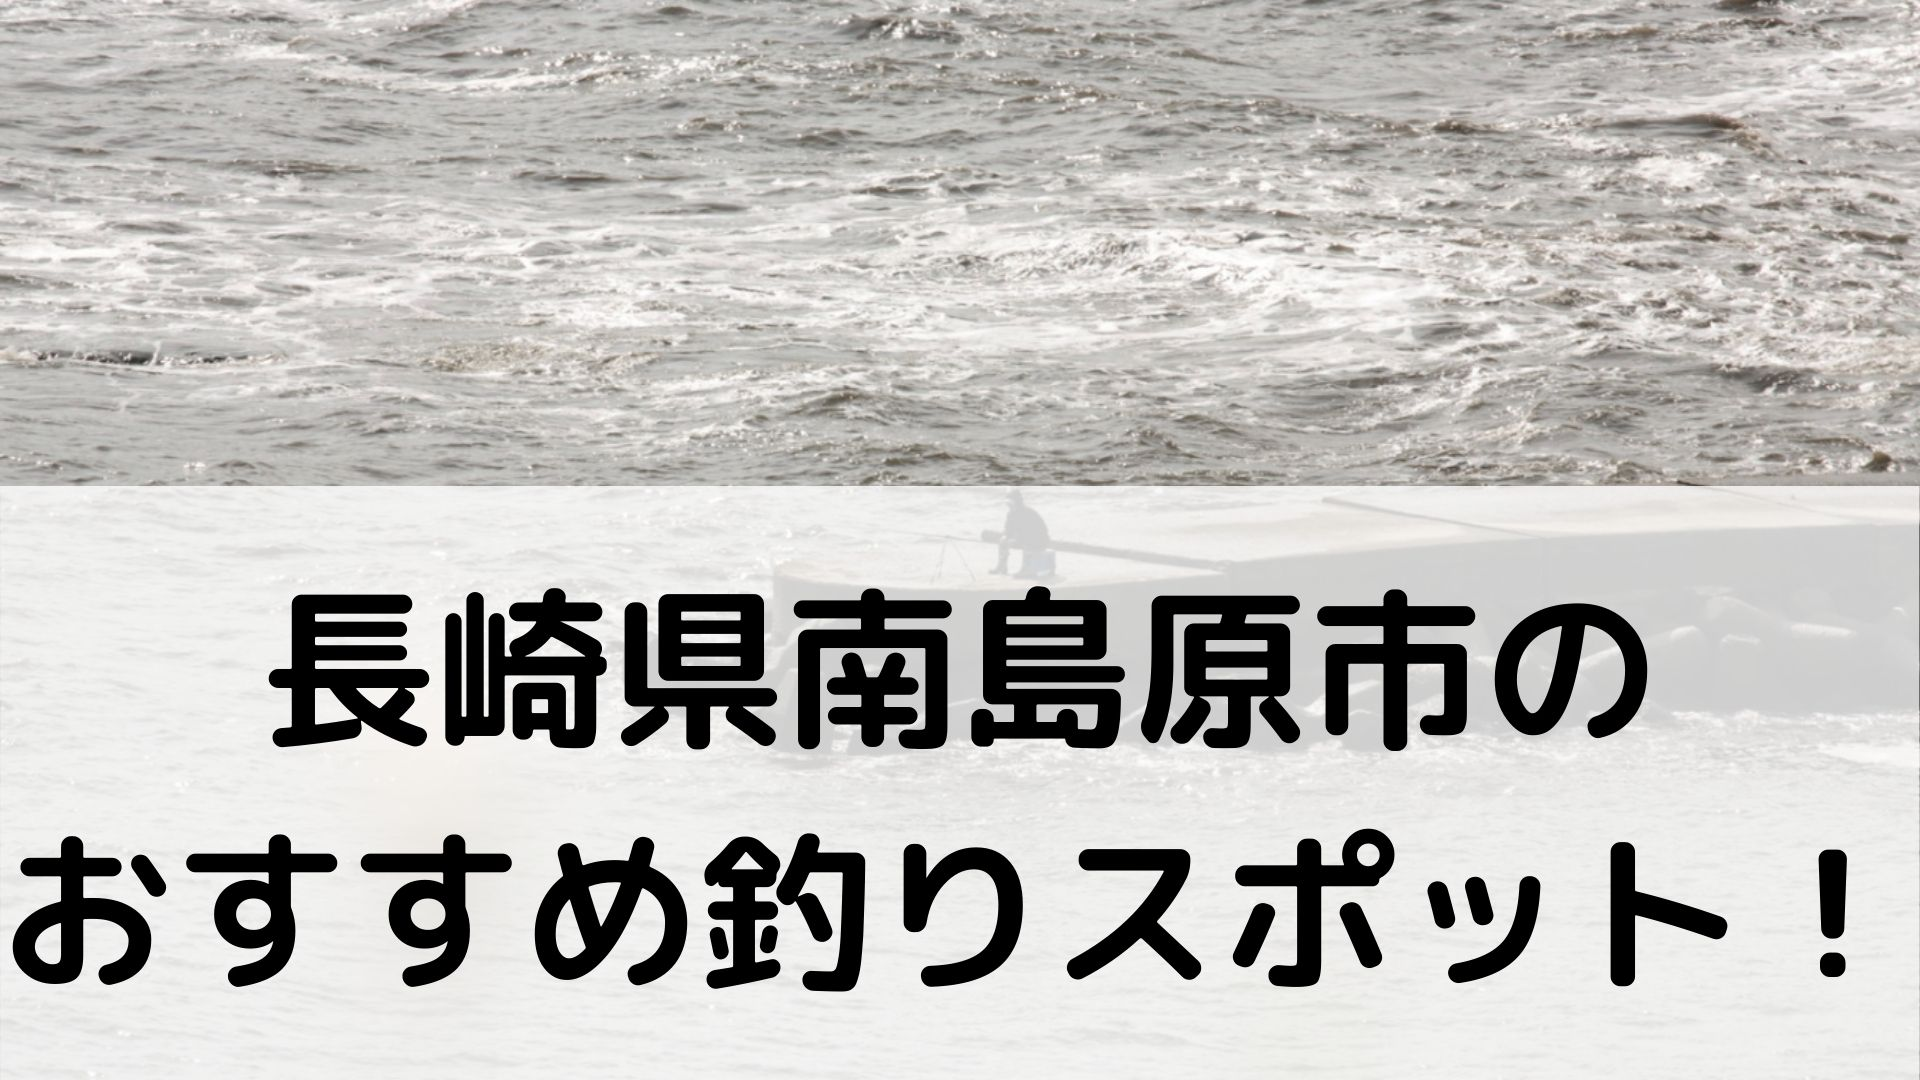 長崎県南島原市のおすすめ釣りスポットに関する参考画像